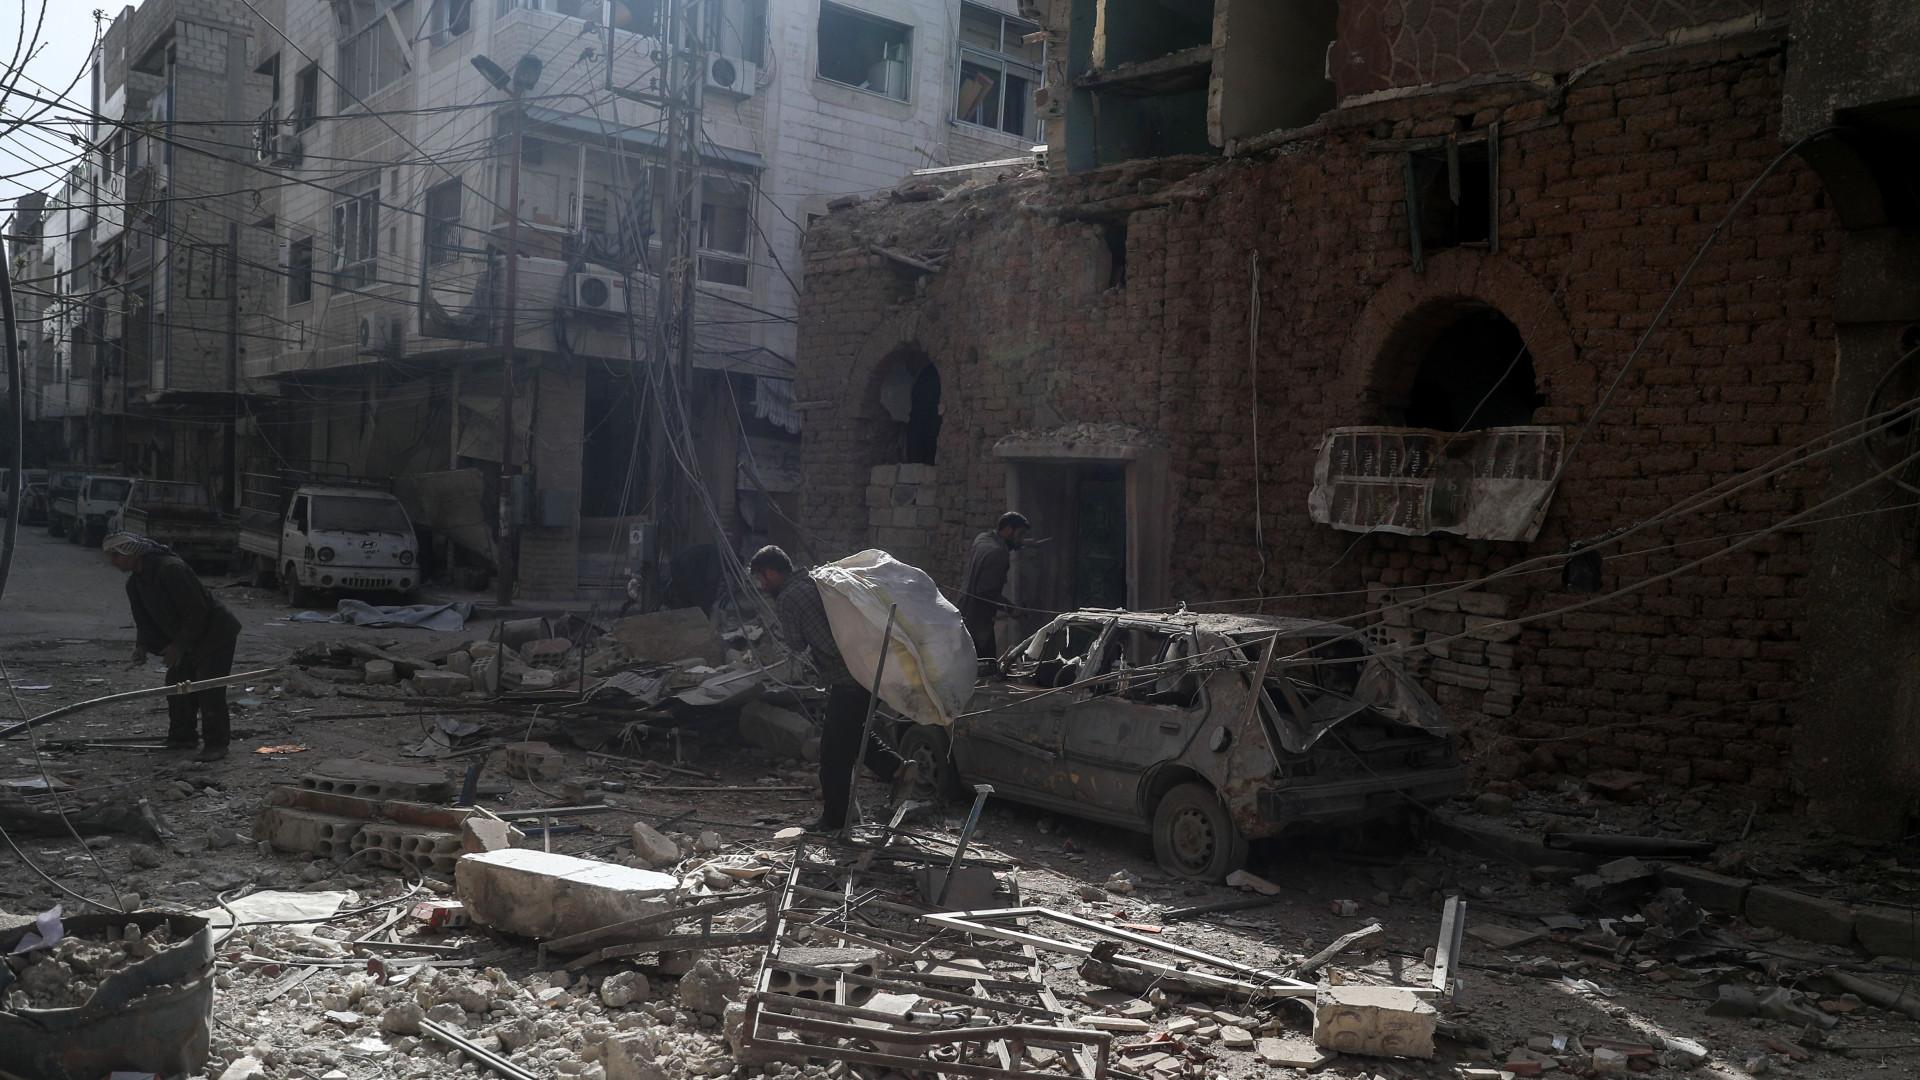 Grupo rebelde em Ghouta oriental anuncia cessar-fogo para negociações